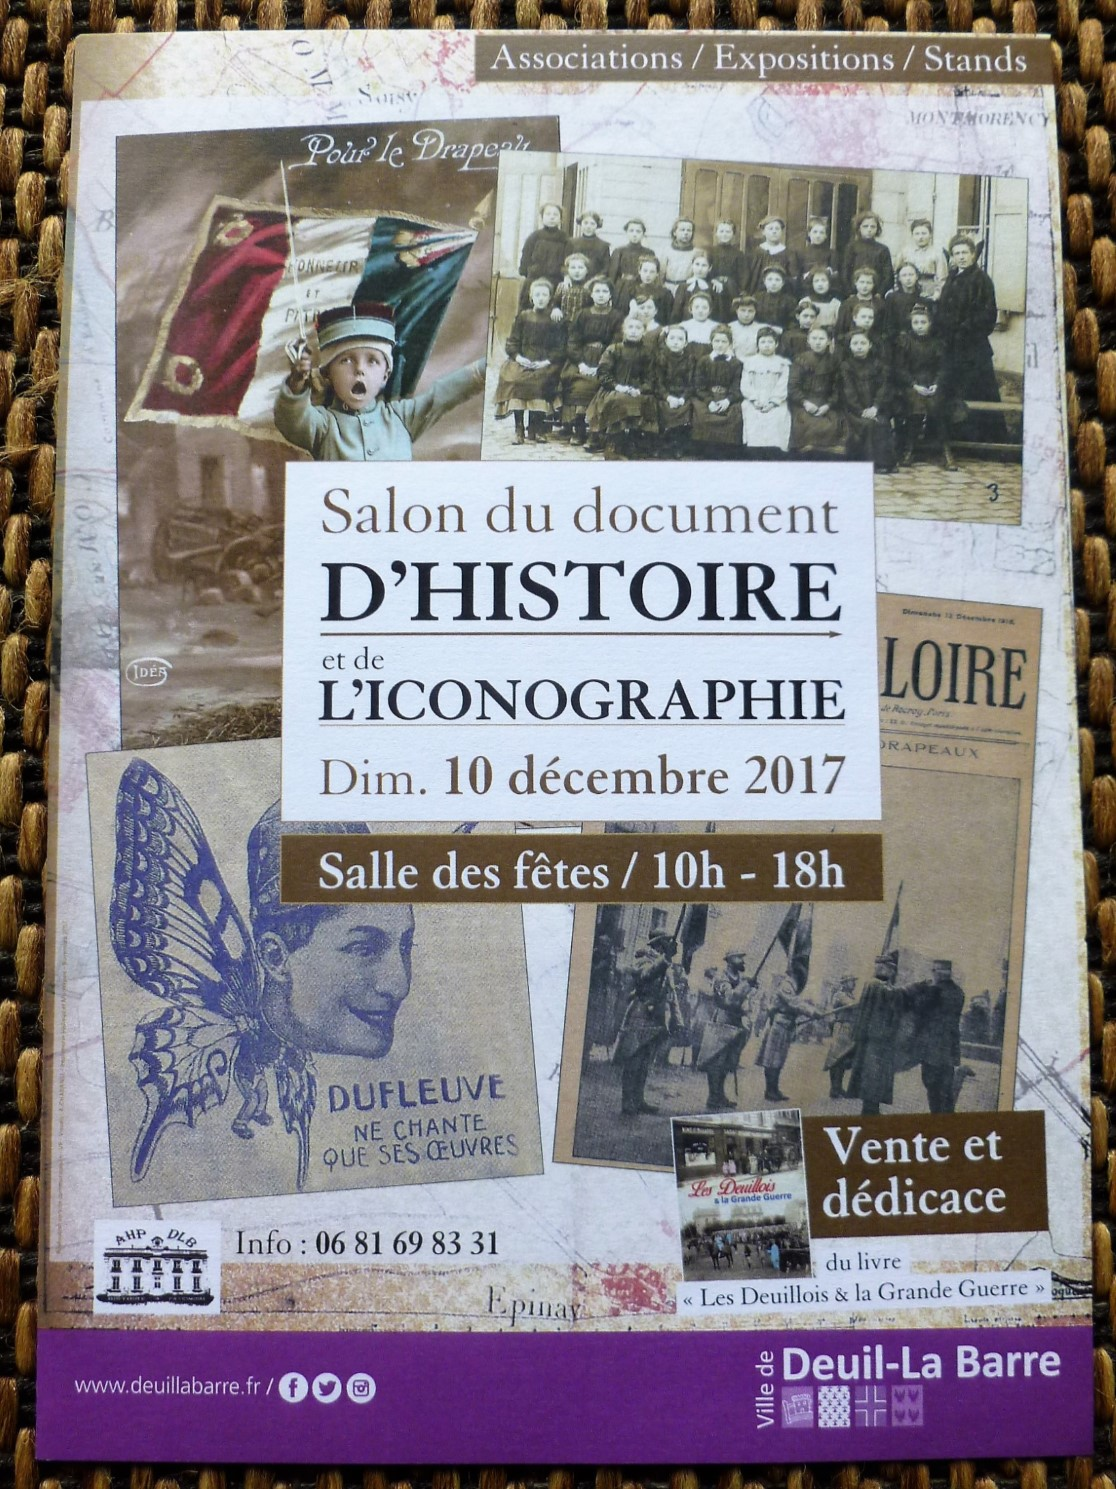 sALON DU DOCUMENT D'HISTOIRE ET DE L'ICONOGRAPHIE